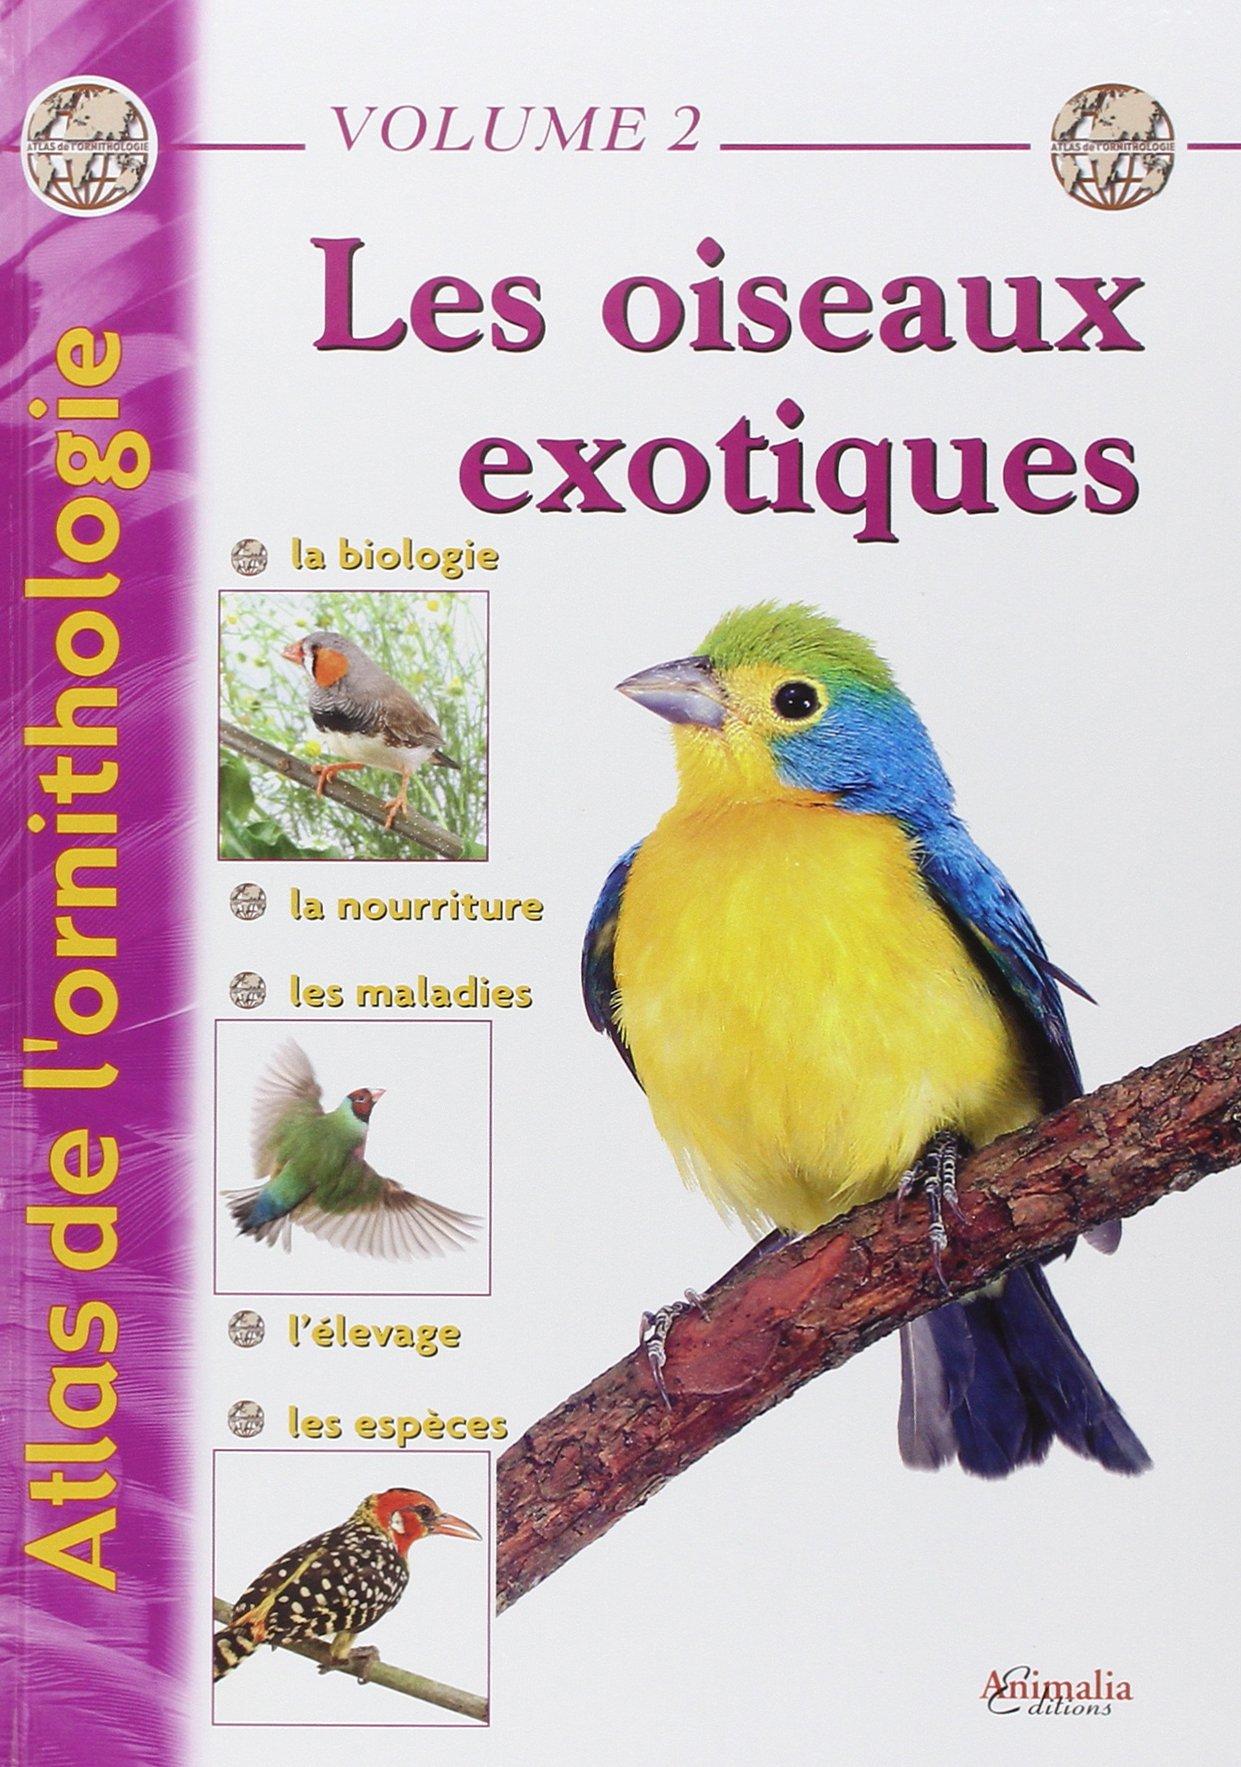 Atlas de l'ornithologie - Volume 2: Les oiseaux exotiques Relié – 18 mai 2006 Gabriel Prin Jacqueline Prin Philippe de Wailly Richard Latreille